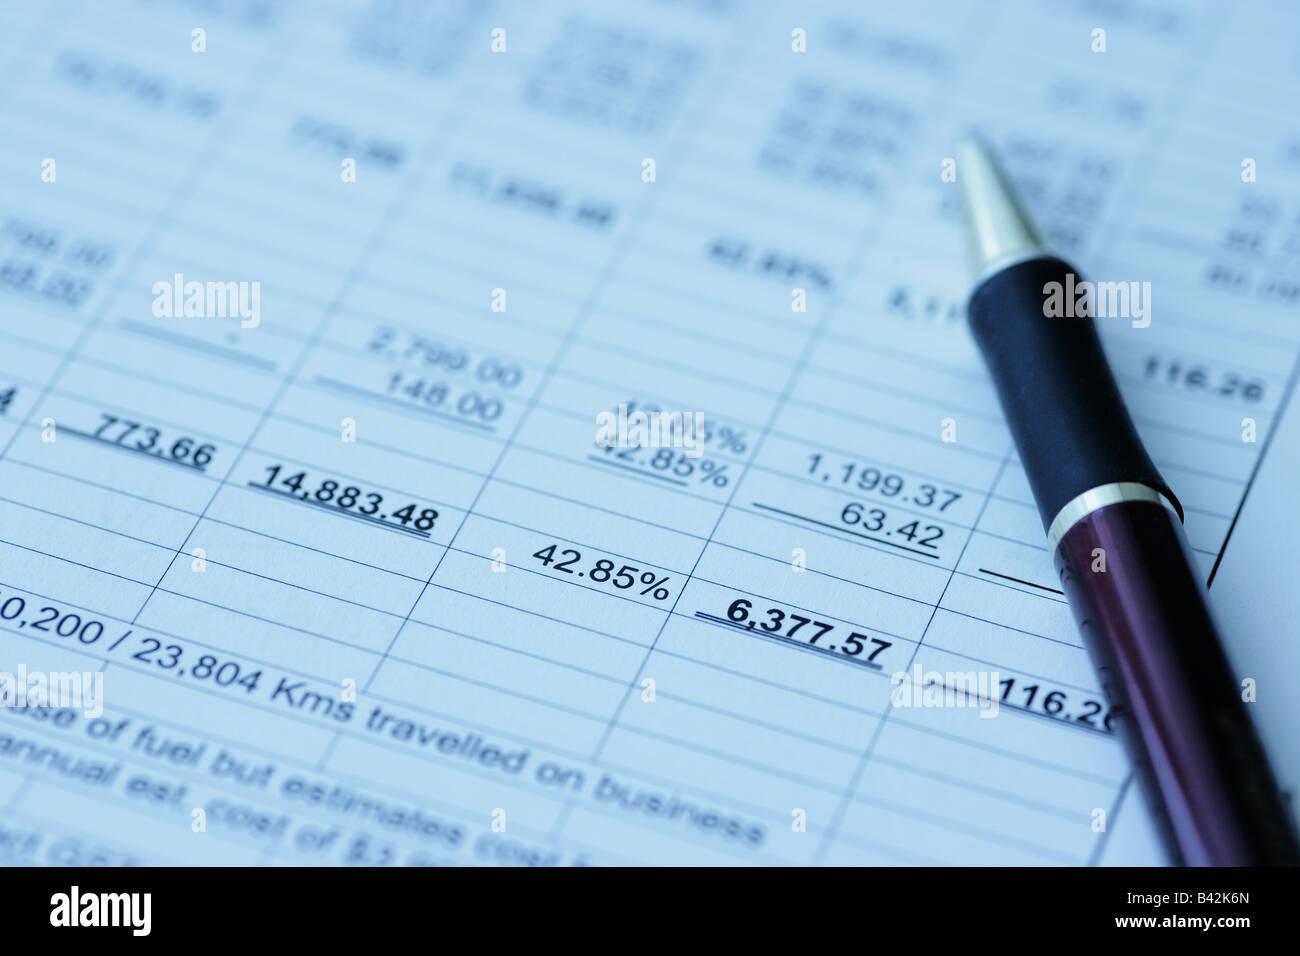 Résultats financiers de l'entreprise - Calcul du budget Photo Stock